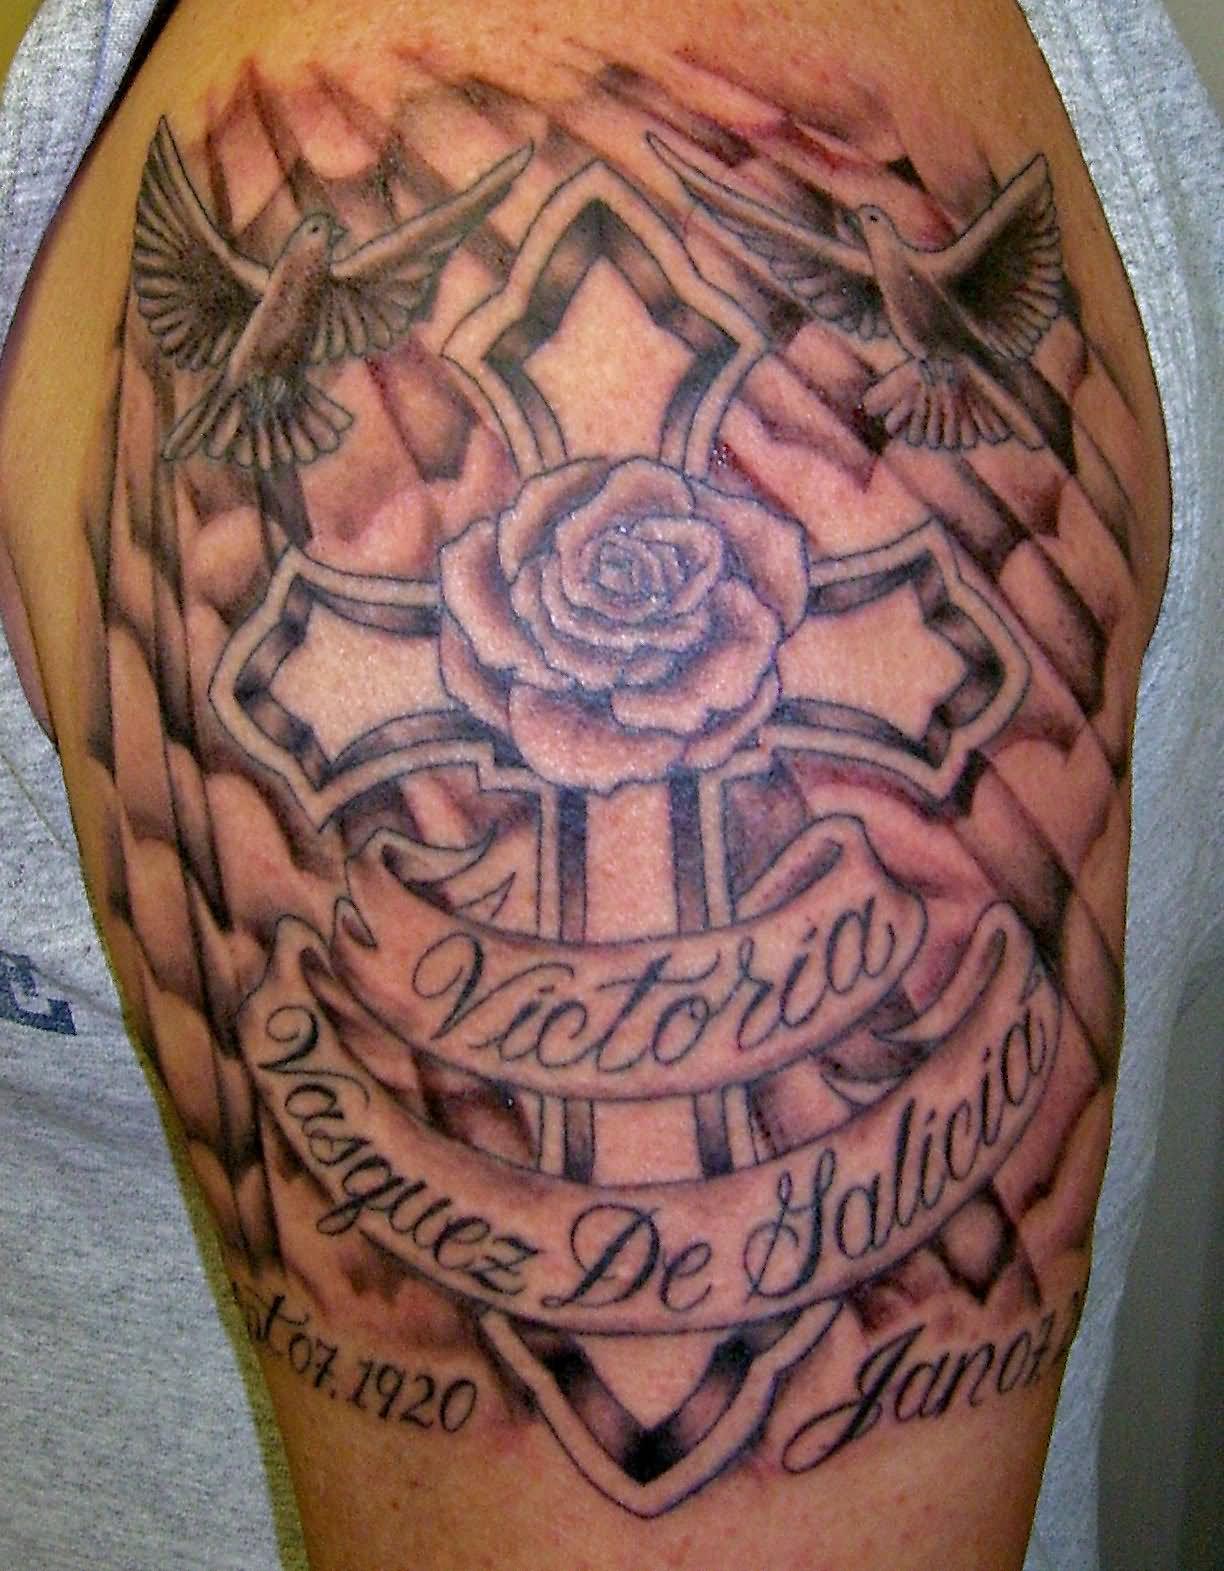 39+ Memorial Cross Tattoos Ideas